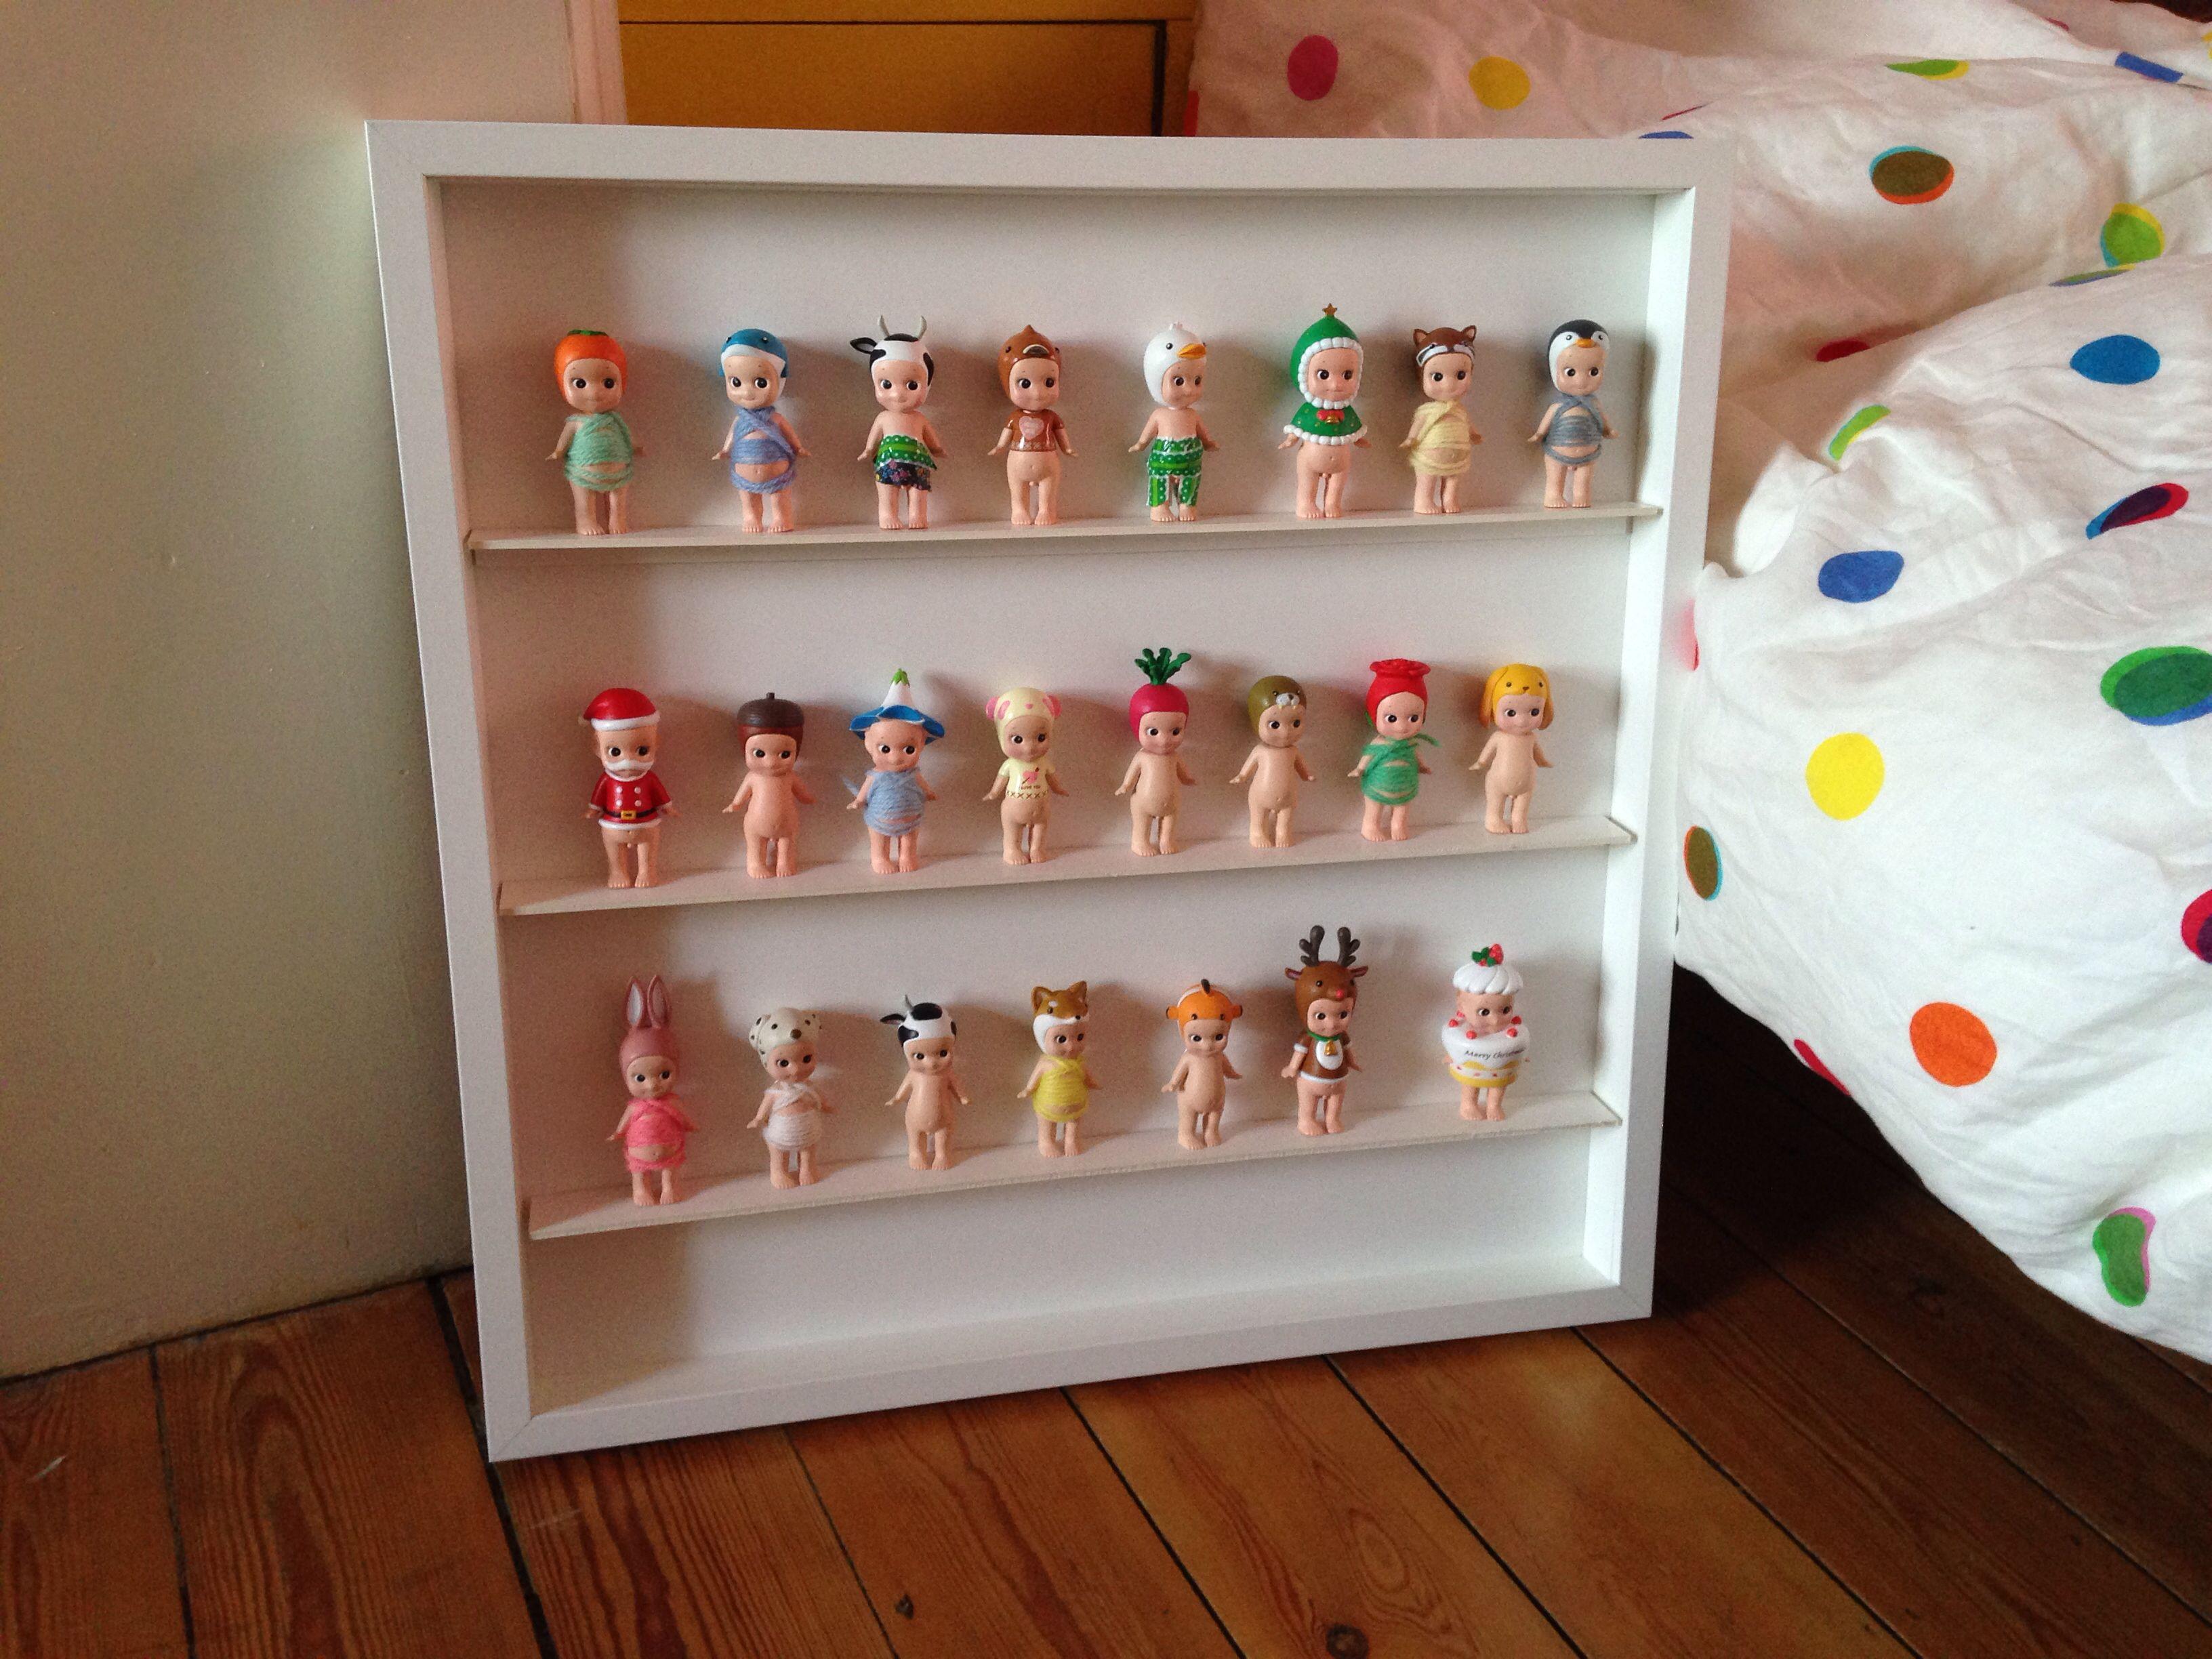 tag re sonny angel ribba ikea sonny angel 39 s shelf lego friends pinterest sonny angel. Black Bedroom Furniture Sets. Home Design Ideas